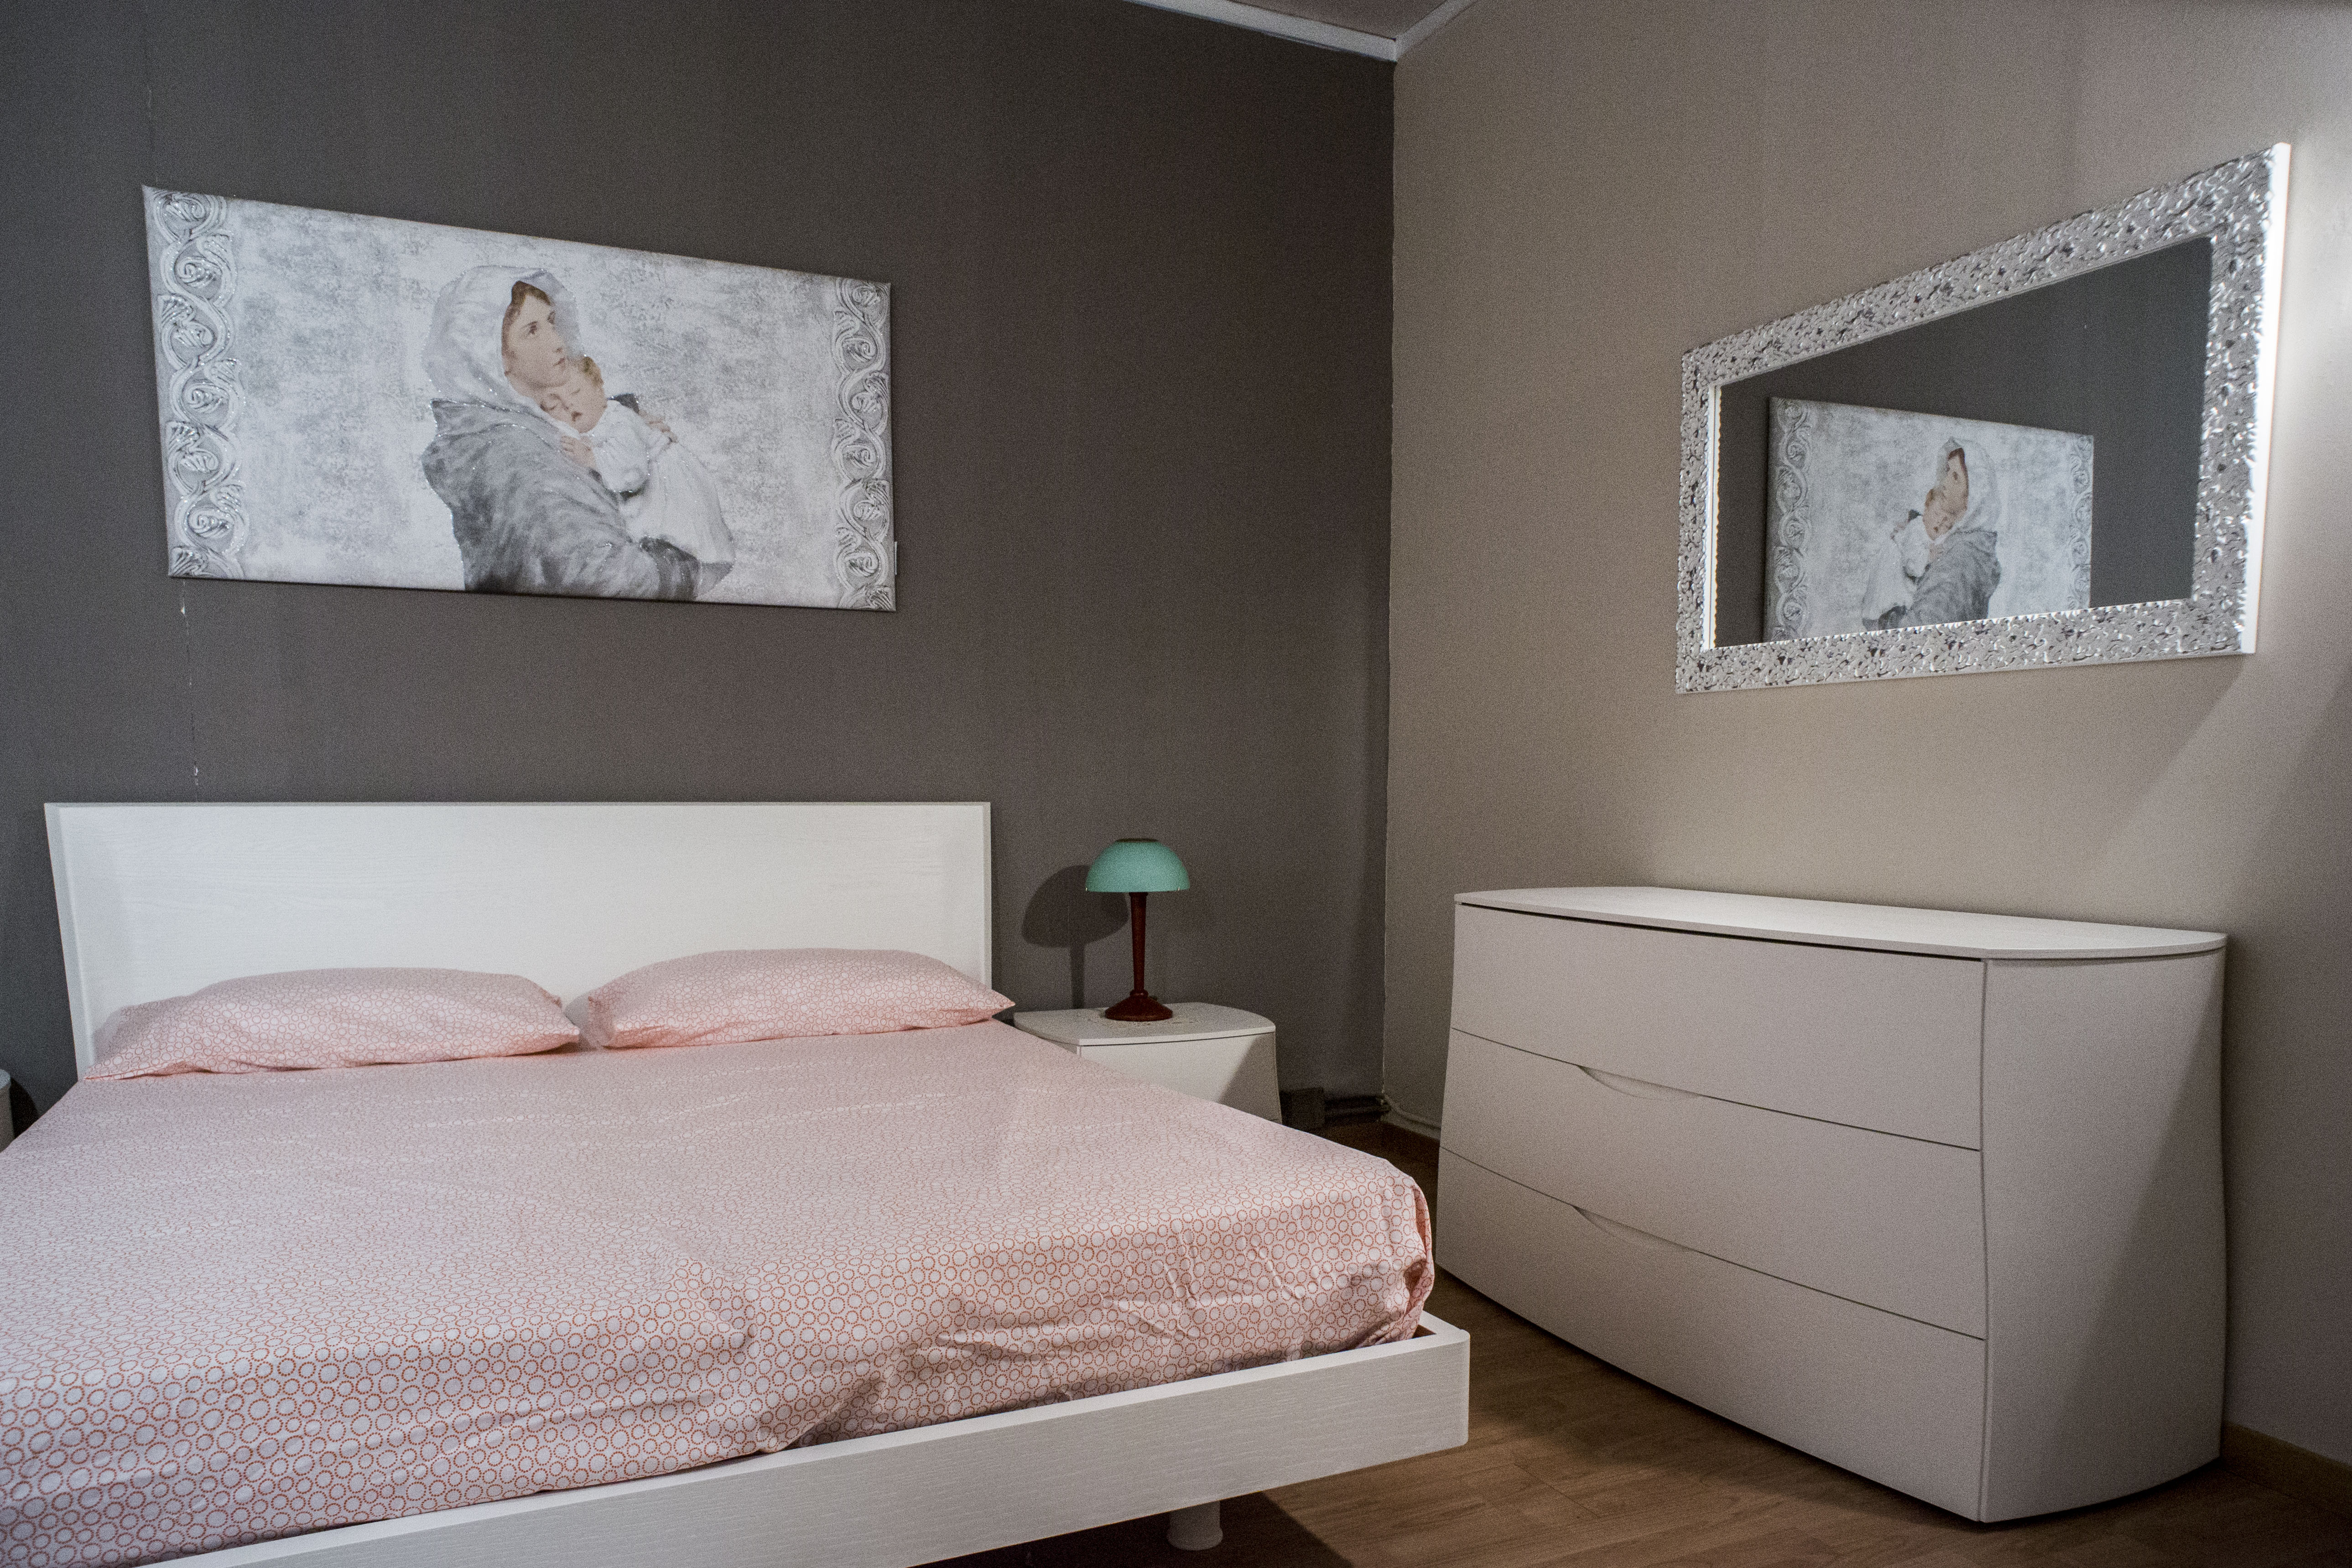 Camera da letto napol arredamenti arredamenti cipriani for Napol arredamenti